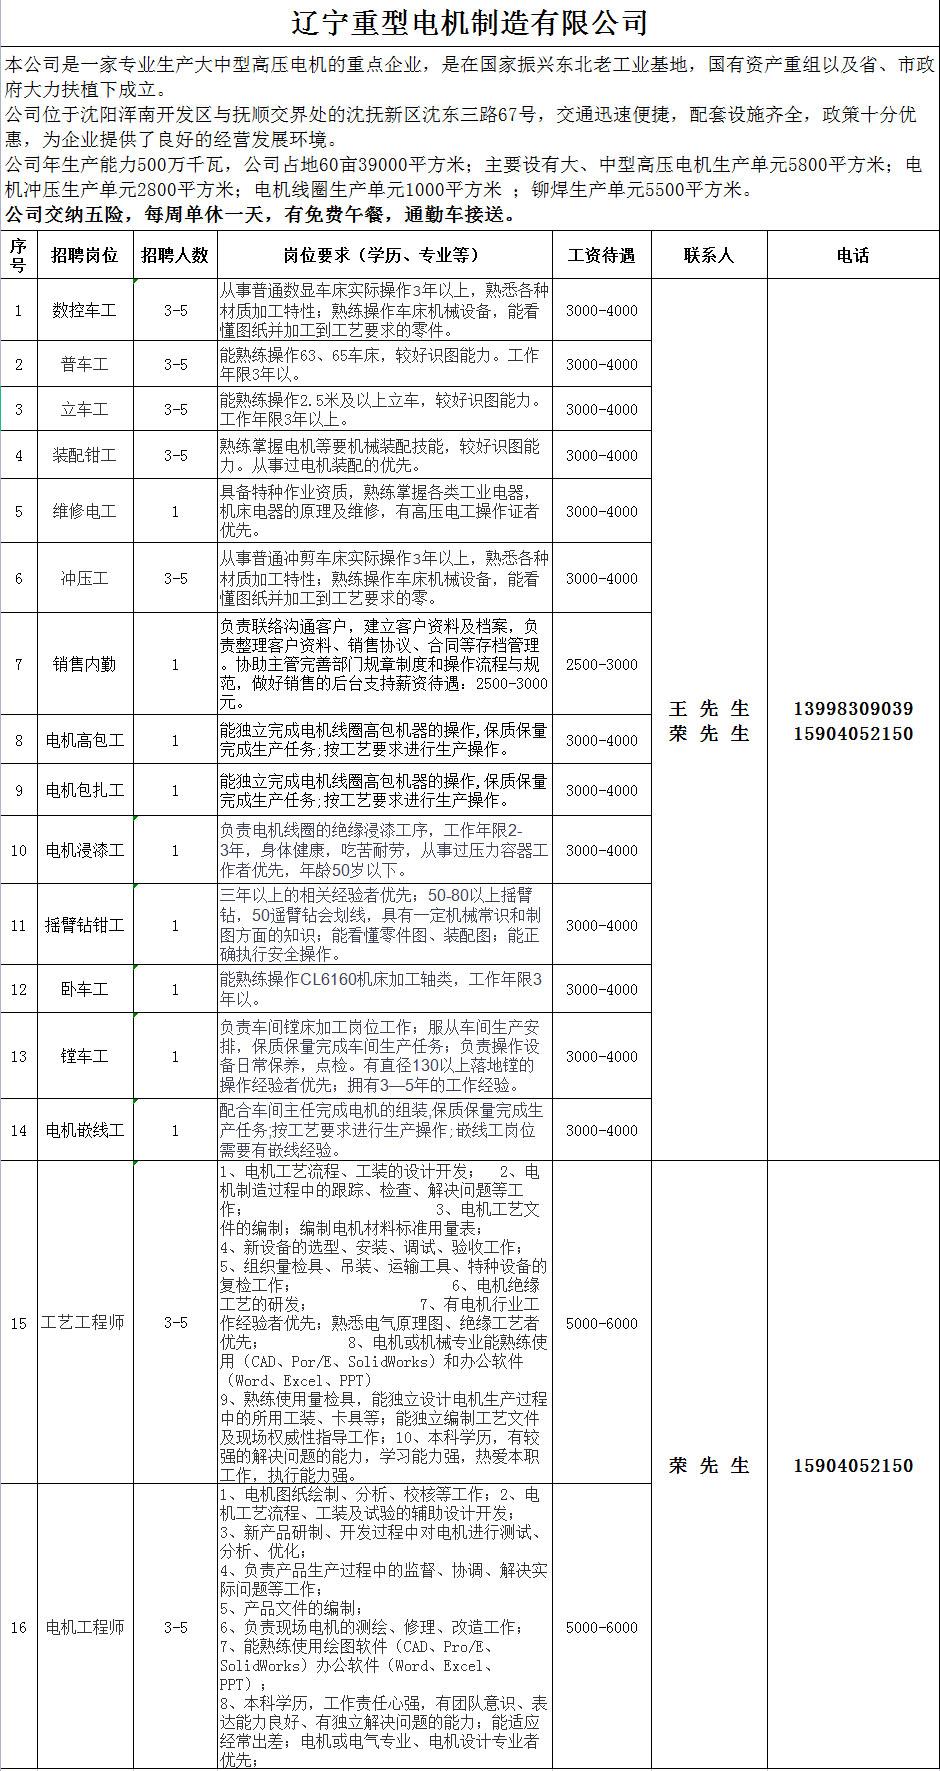 辽宁重型电机制造有限公司